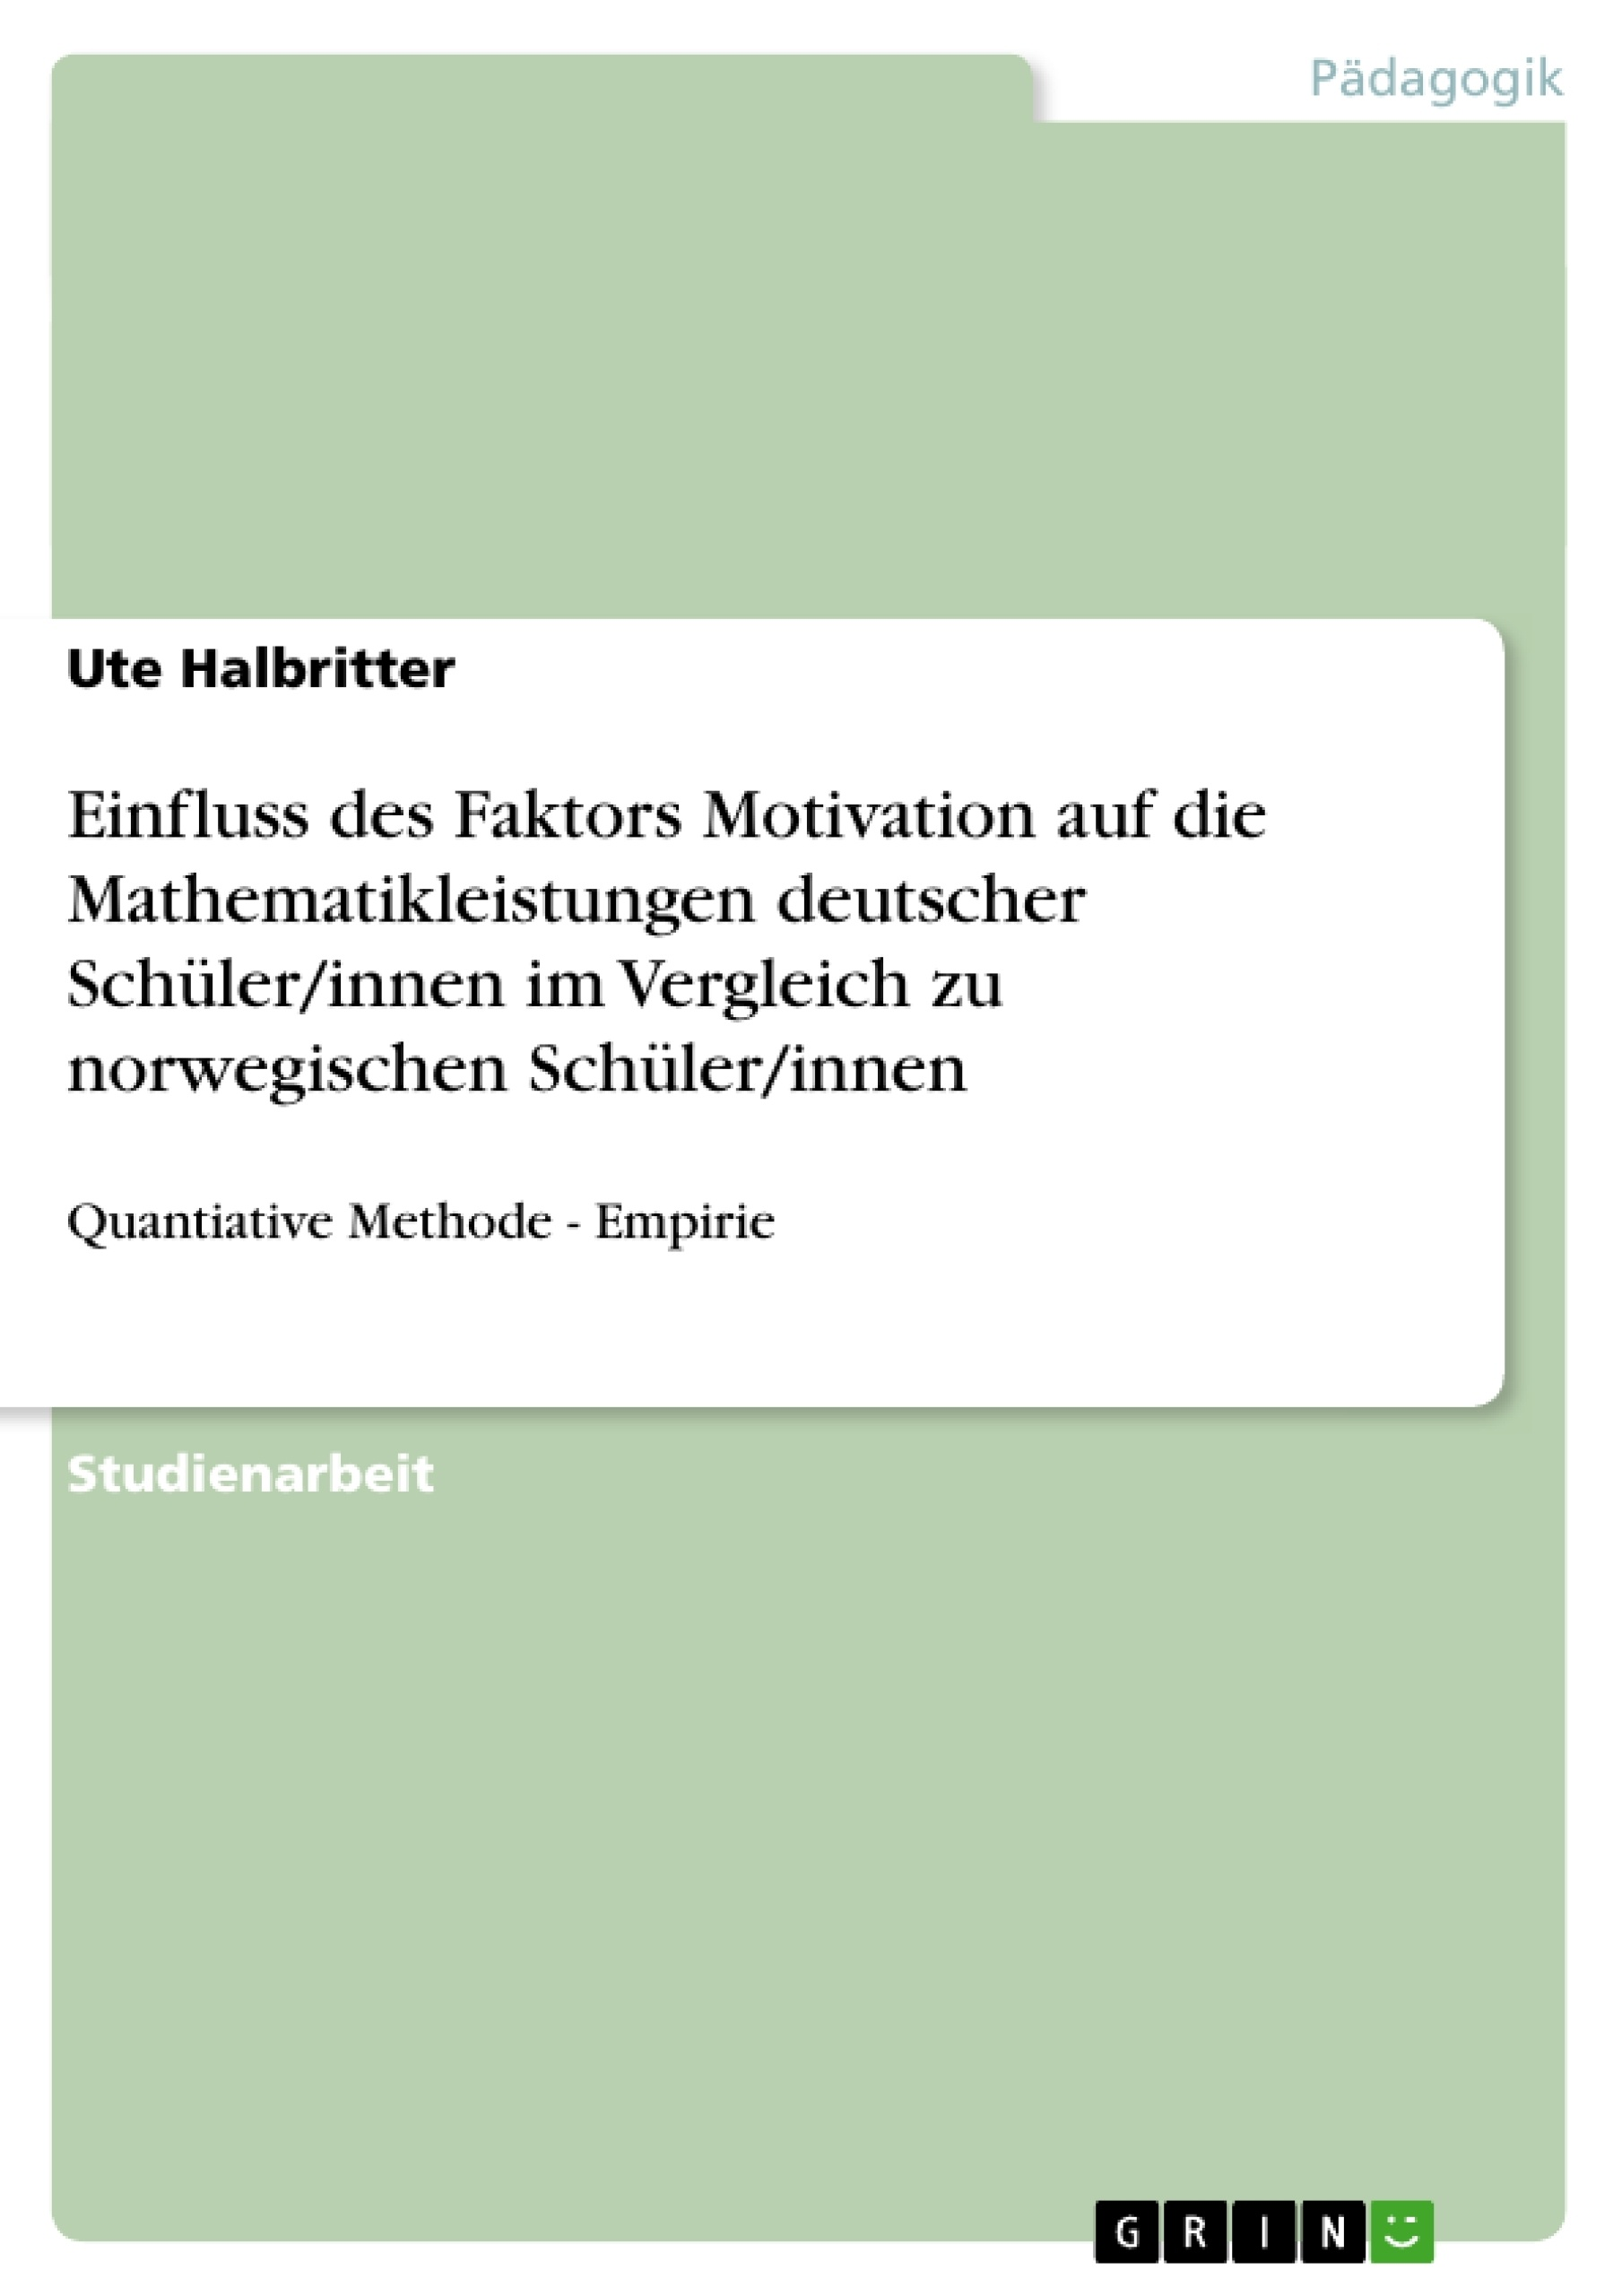 Titel: Einfluss des Faktors Motivation auf die Mathematikleistungen deutscher Schüler/innen im Vergleich zu norwegischen Schüler/innen